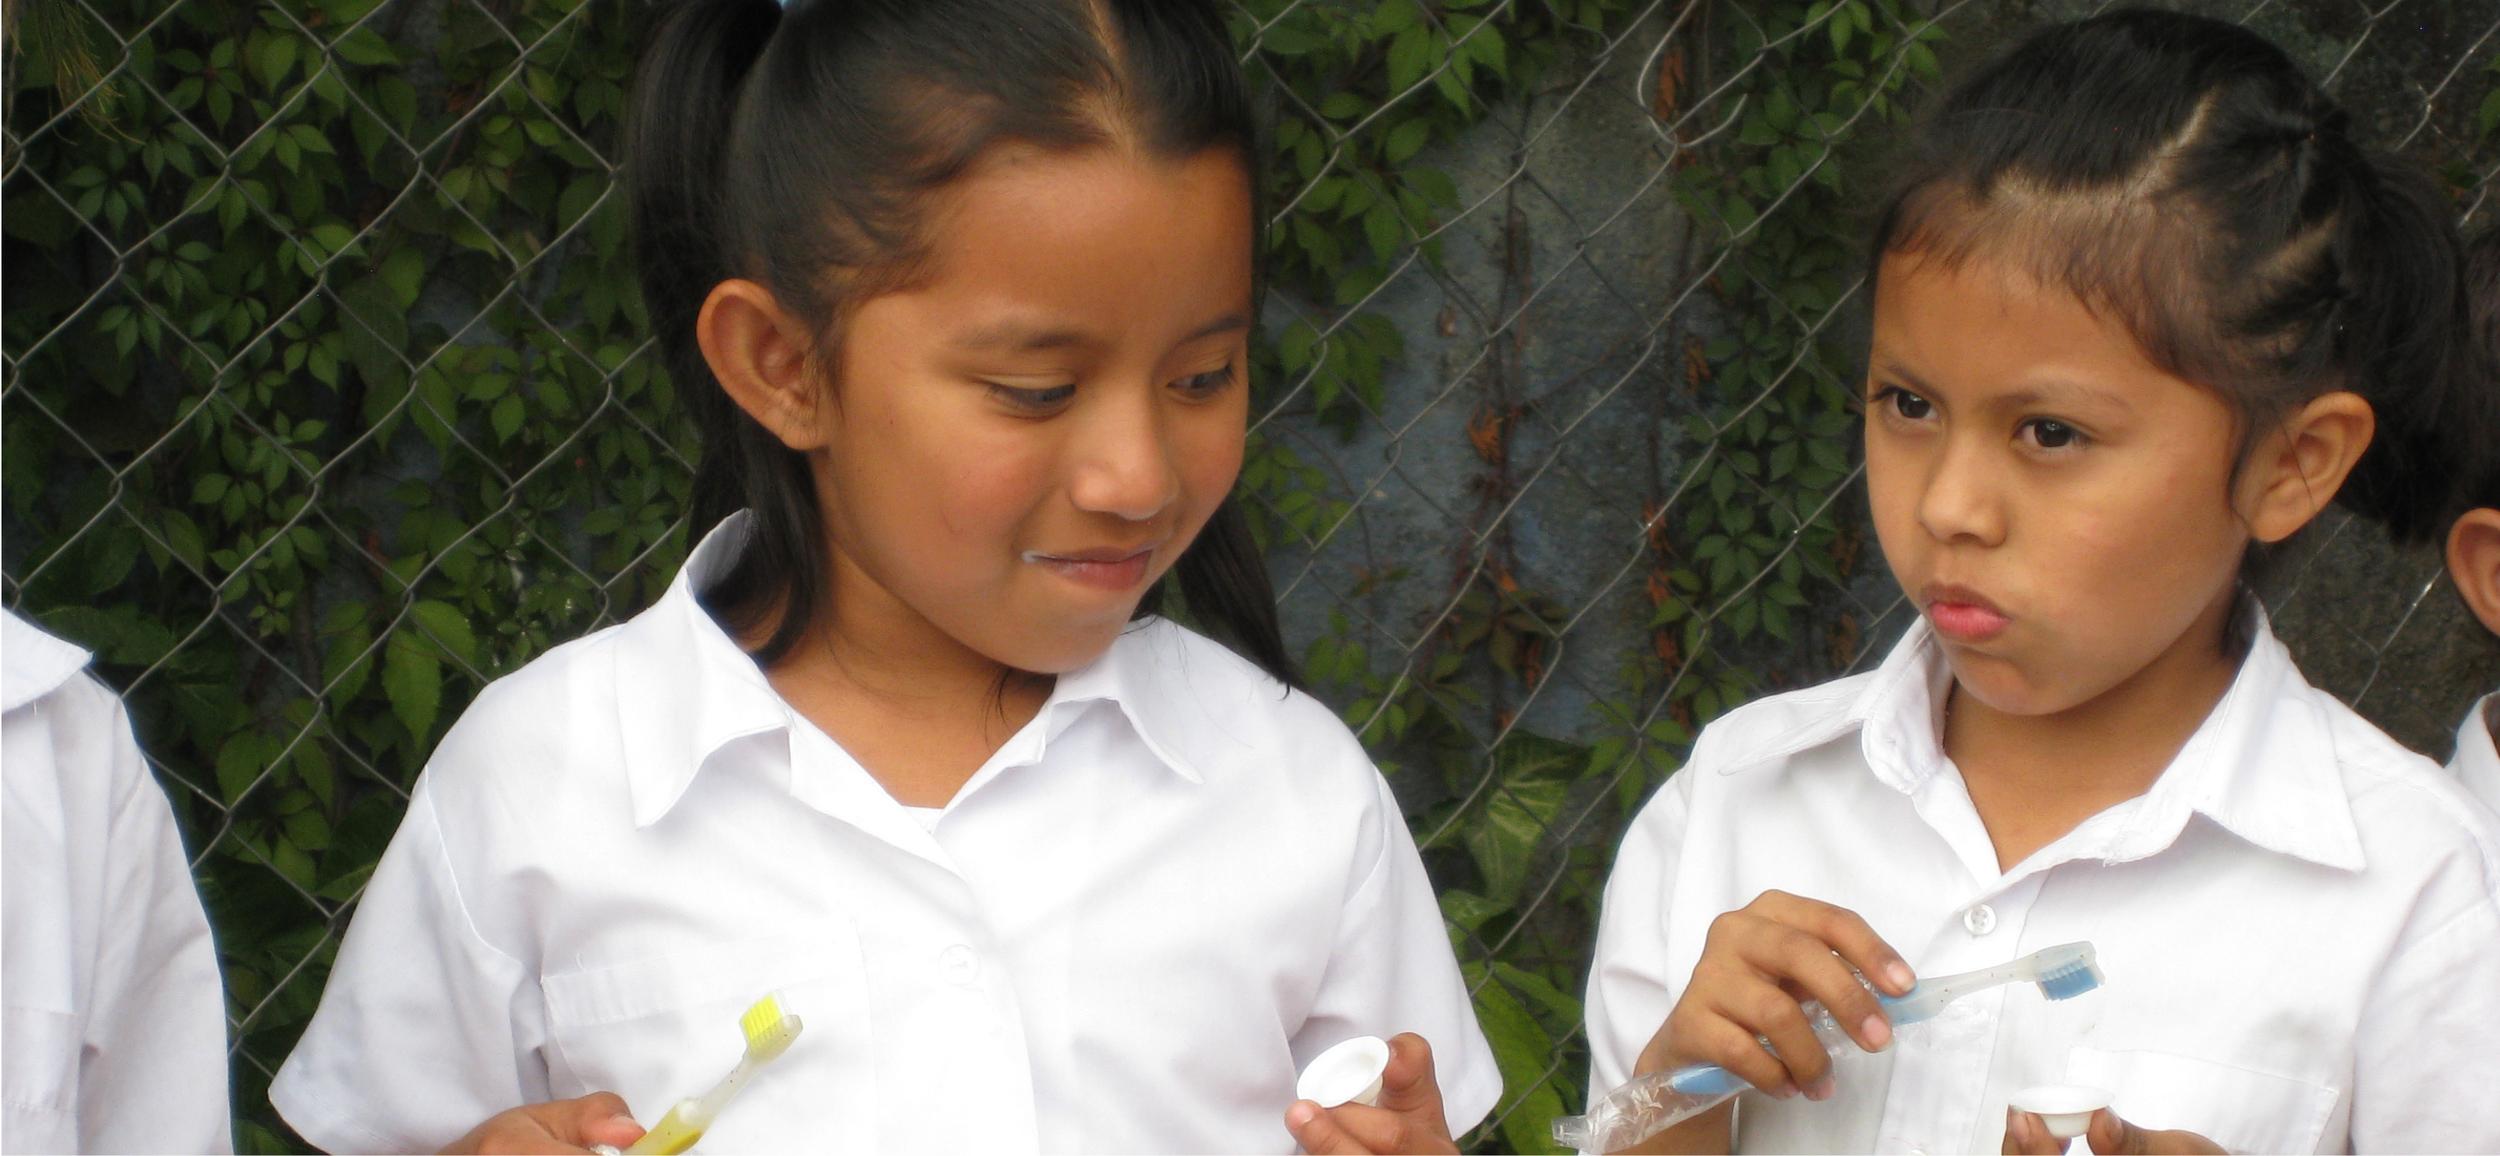 Education-Slideshow5.jpg